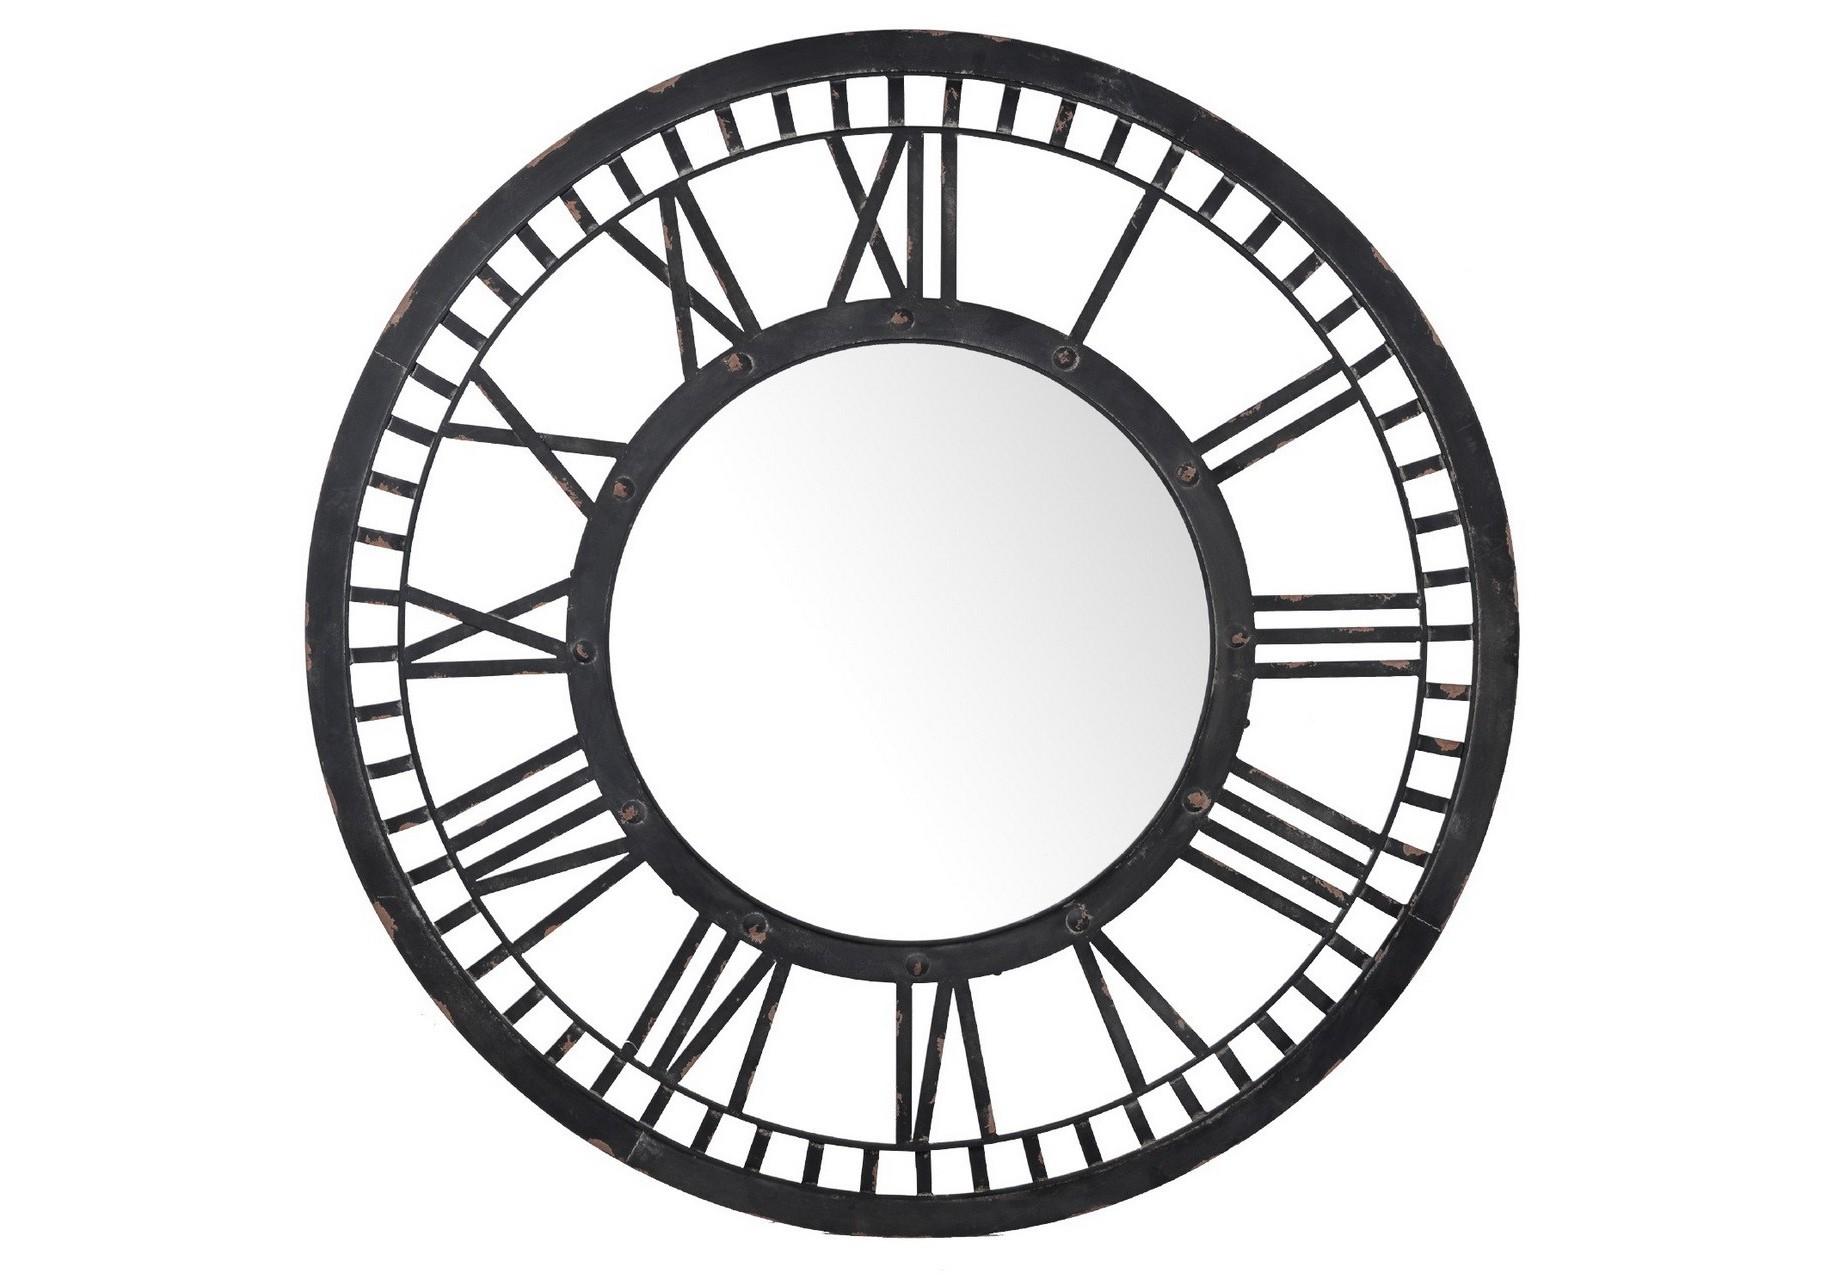 ЗеркалоНастенные зеркала<br><br><br>Material: Металл<br>Depth см: 3<br>Diameter см: 110